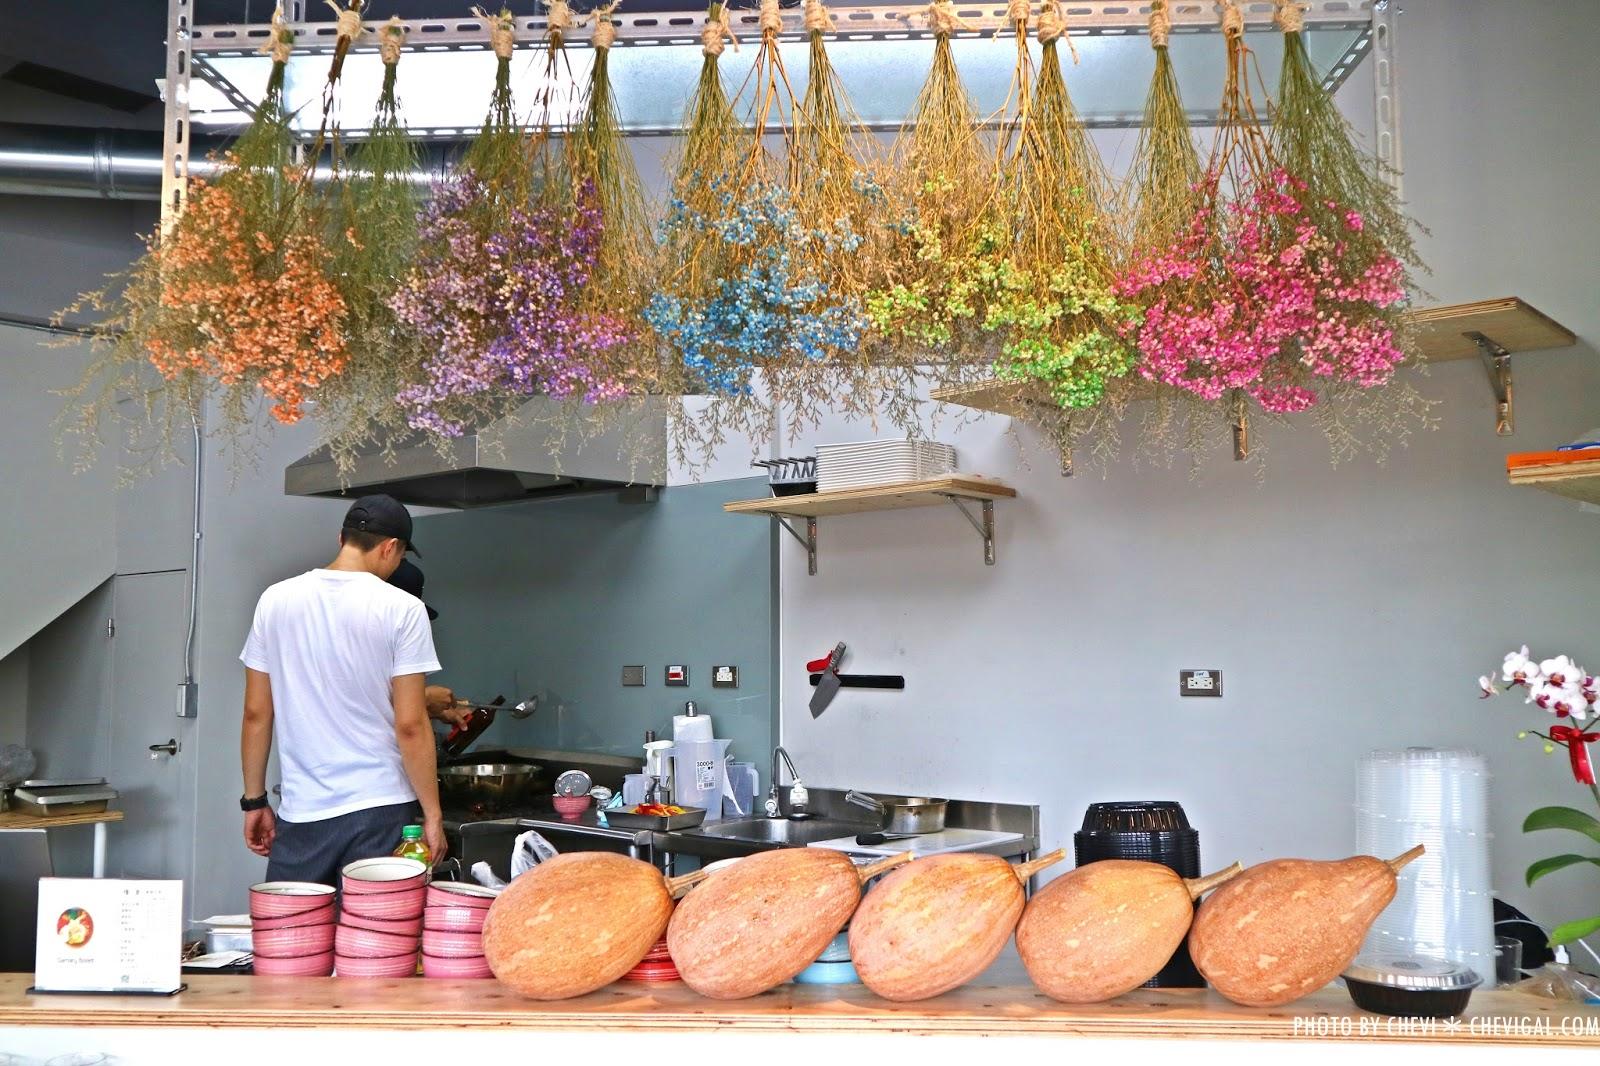 IMG 9646 - 糧倉 纖健水煮,隱身在柳川西路的文青小店。清爽水煮料理讓你吃到鮮甜原味